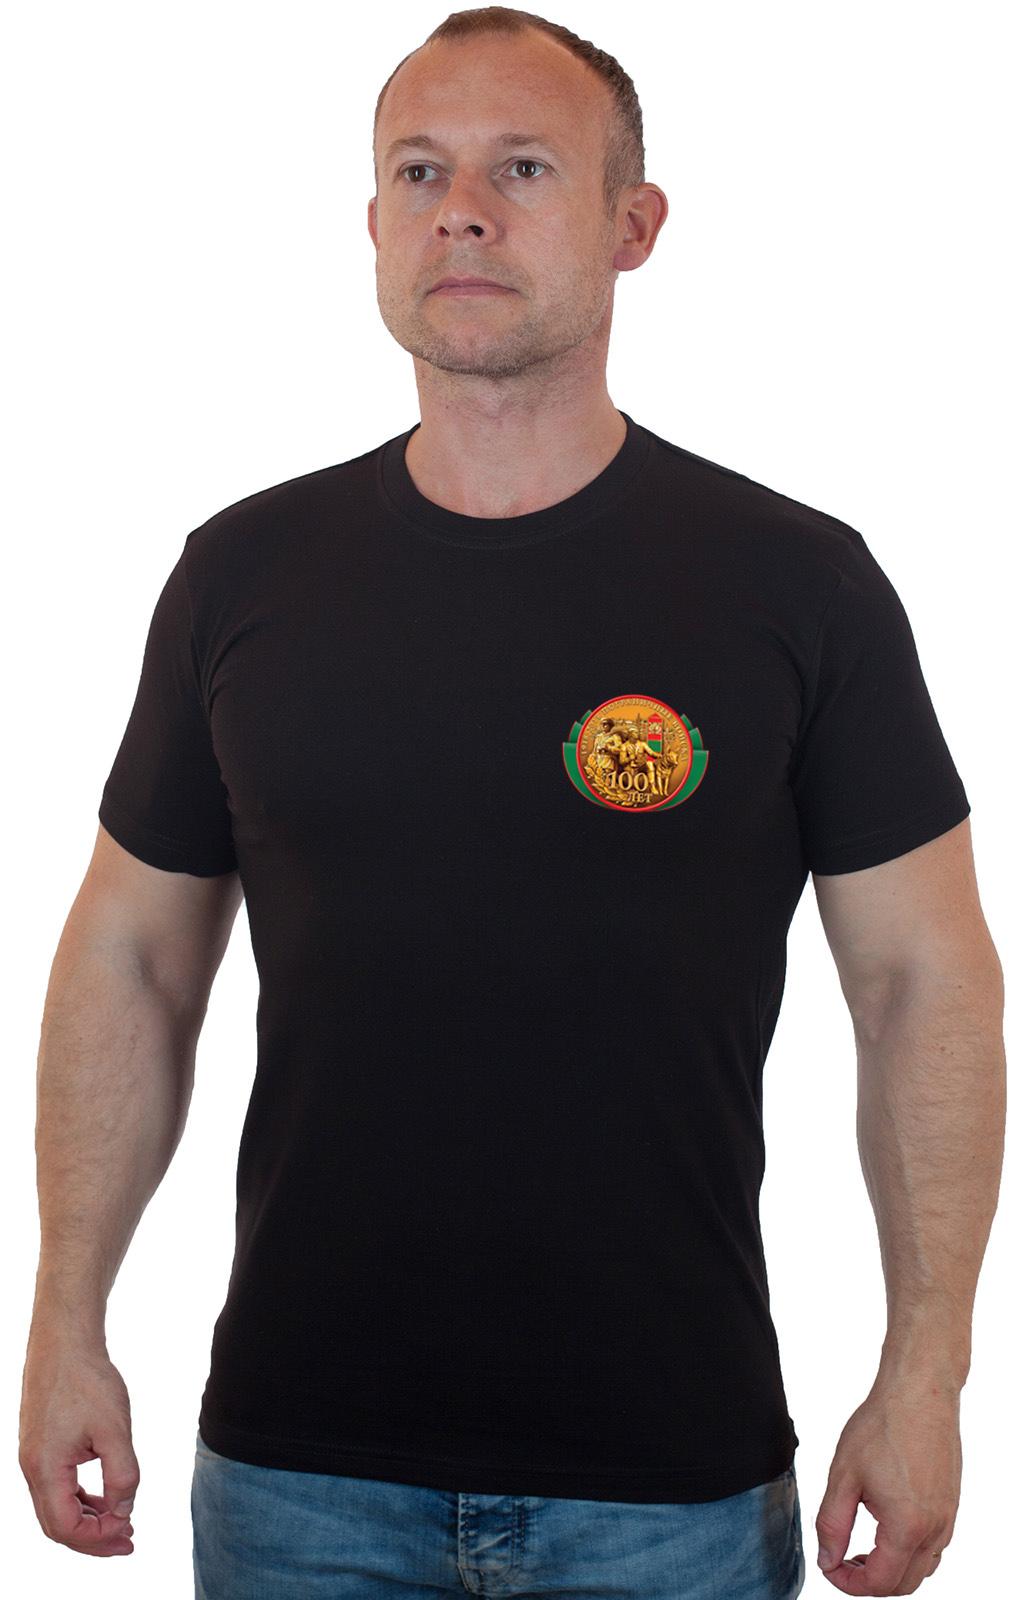 Купить с доставкой по России футболку Пограничные Войска